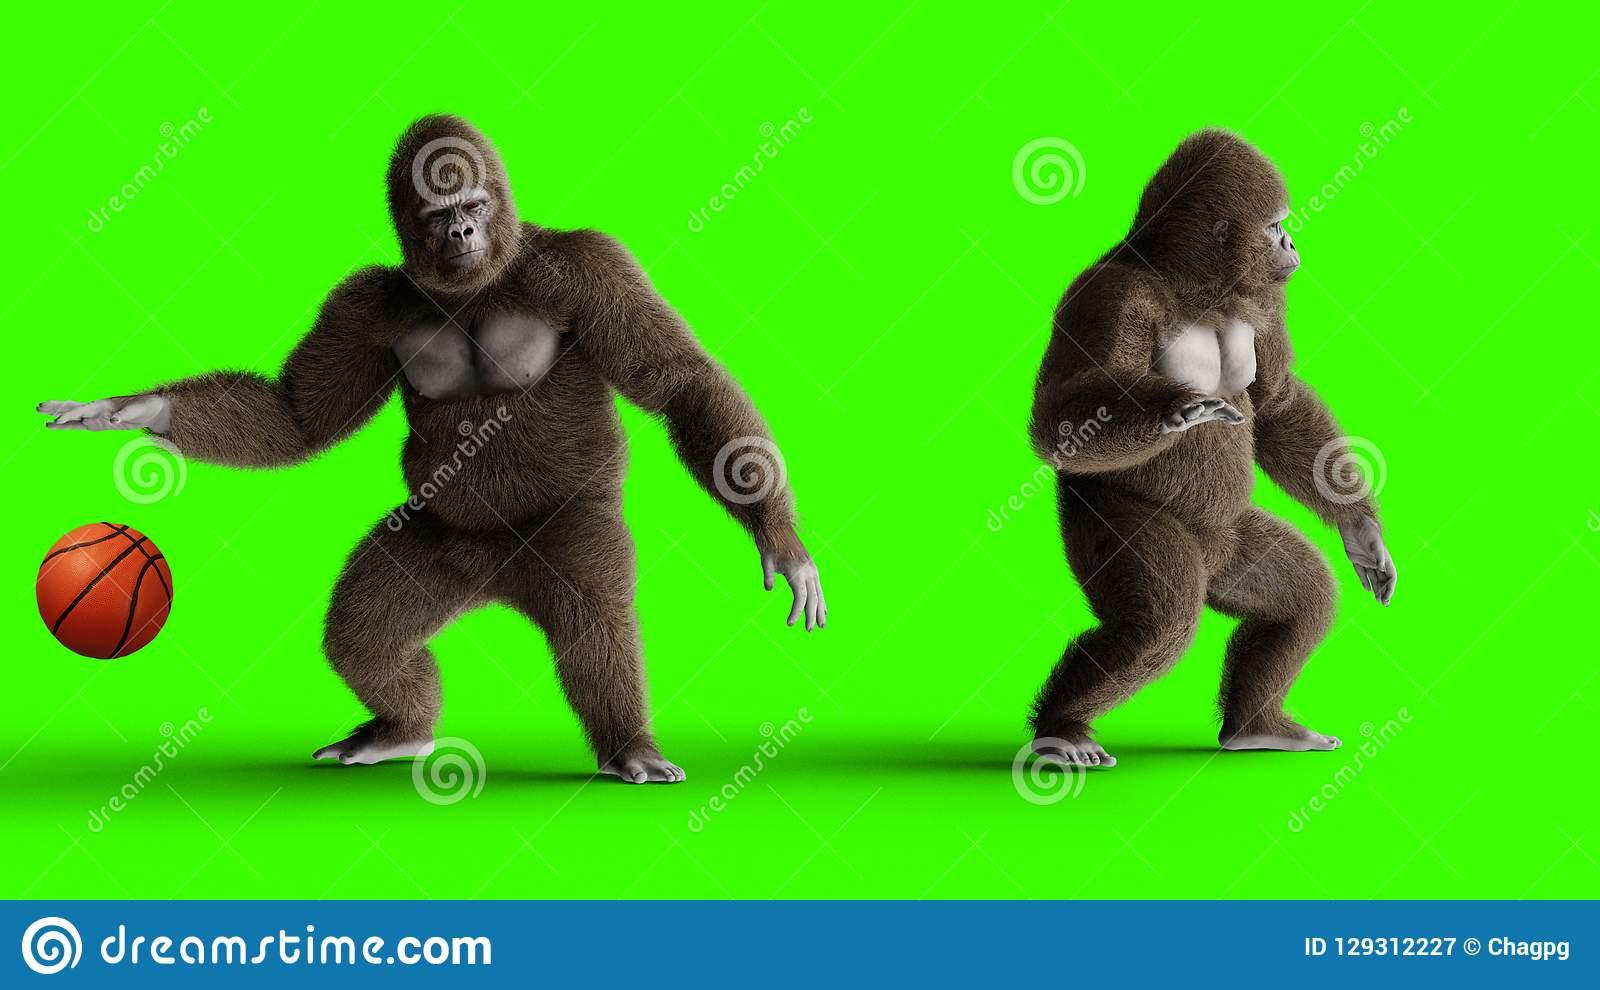 Jeu Brun Drôle De Gorille Au Basket-Ball Fourrure Et Cheveux dedans Jeux De Gorille Gratuit